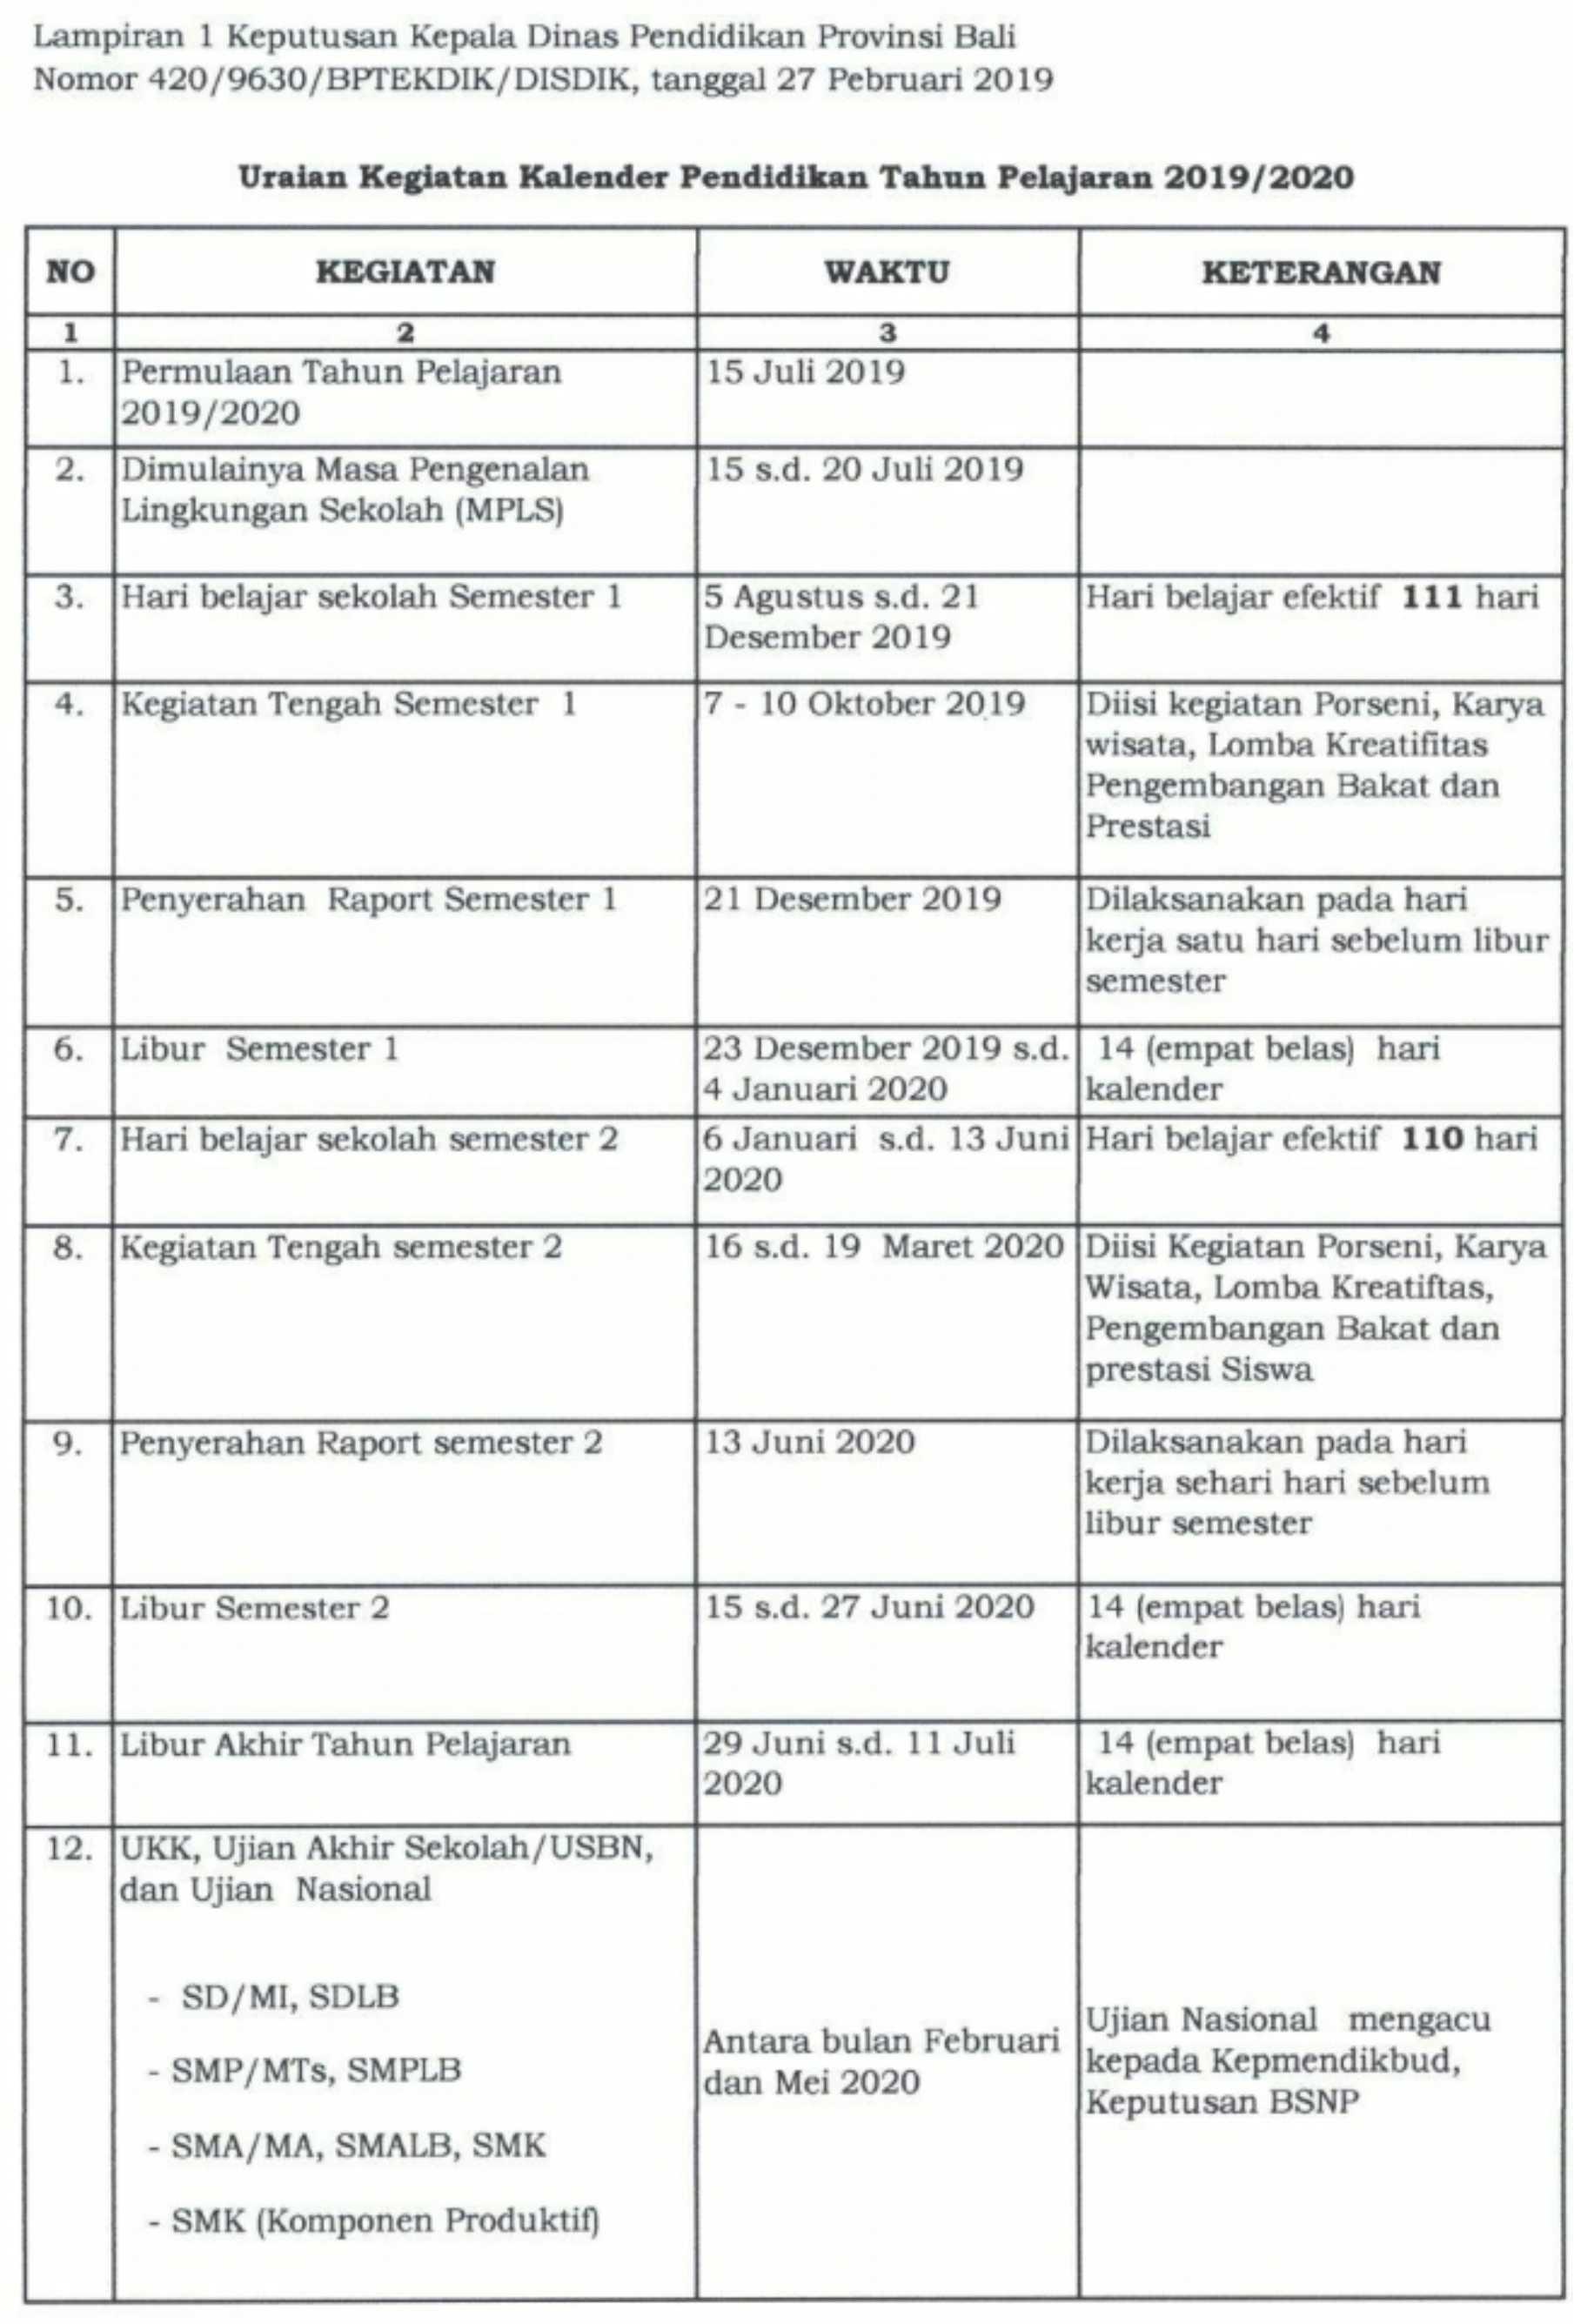 Uraian kegiatan kalender pendidikan tahun pelajaran 2019-2020